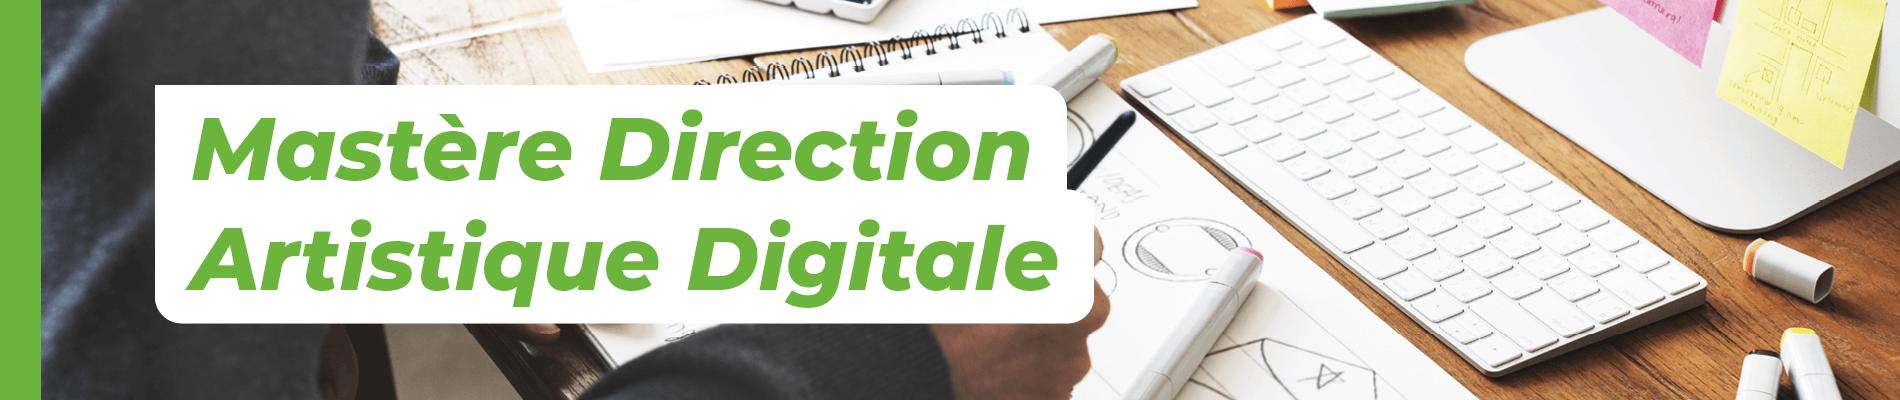 Mastère Direction Artistique Digitale